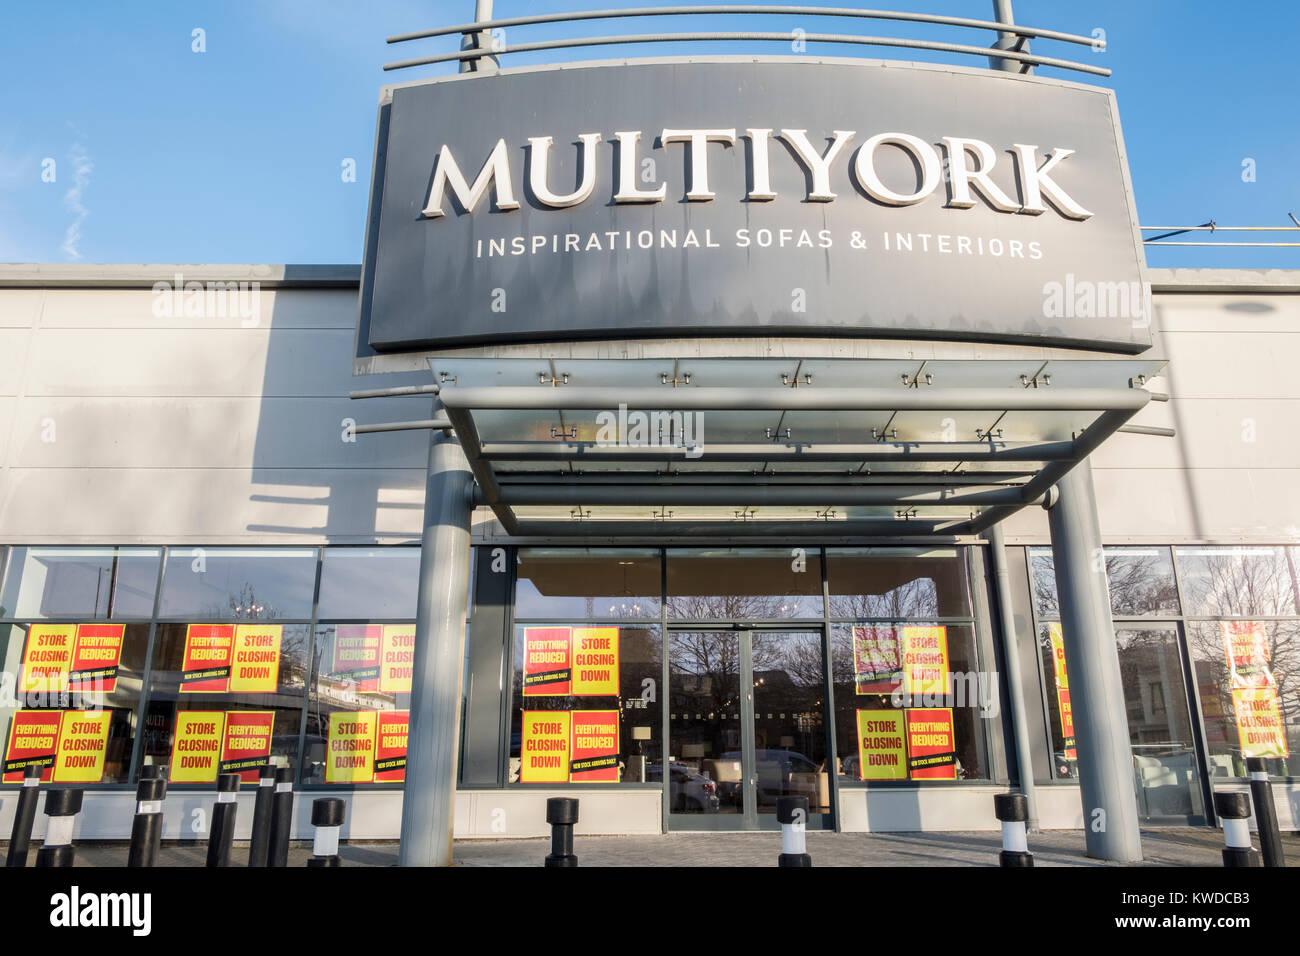 Multiyork showroom mobili per chiudere la vendita come impresa entra administration Immagini Stock